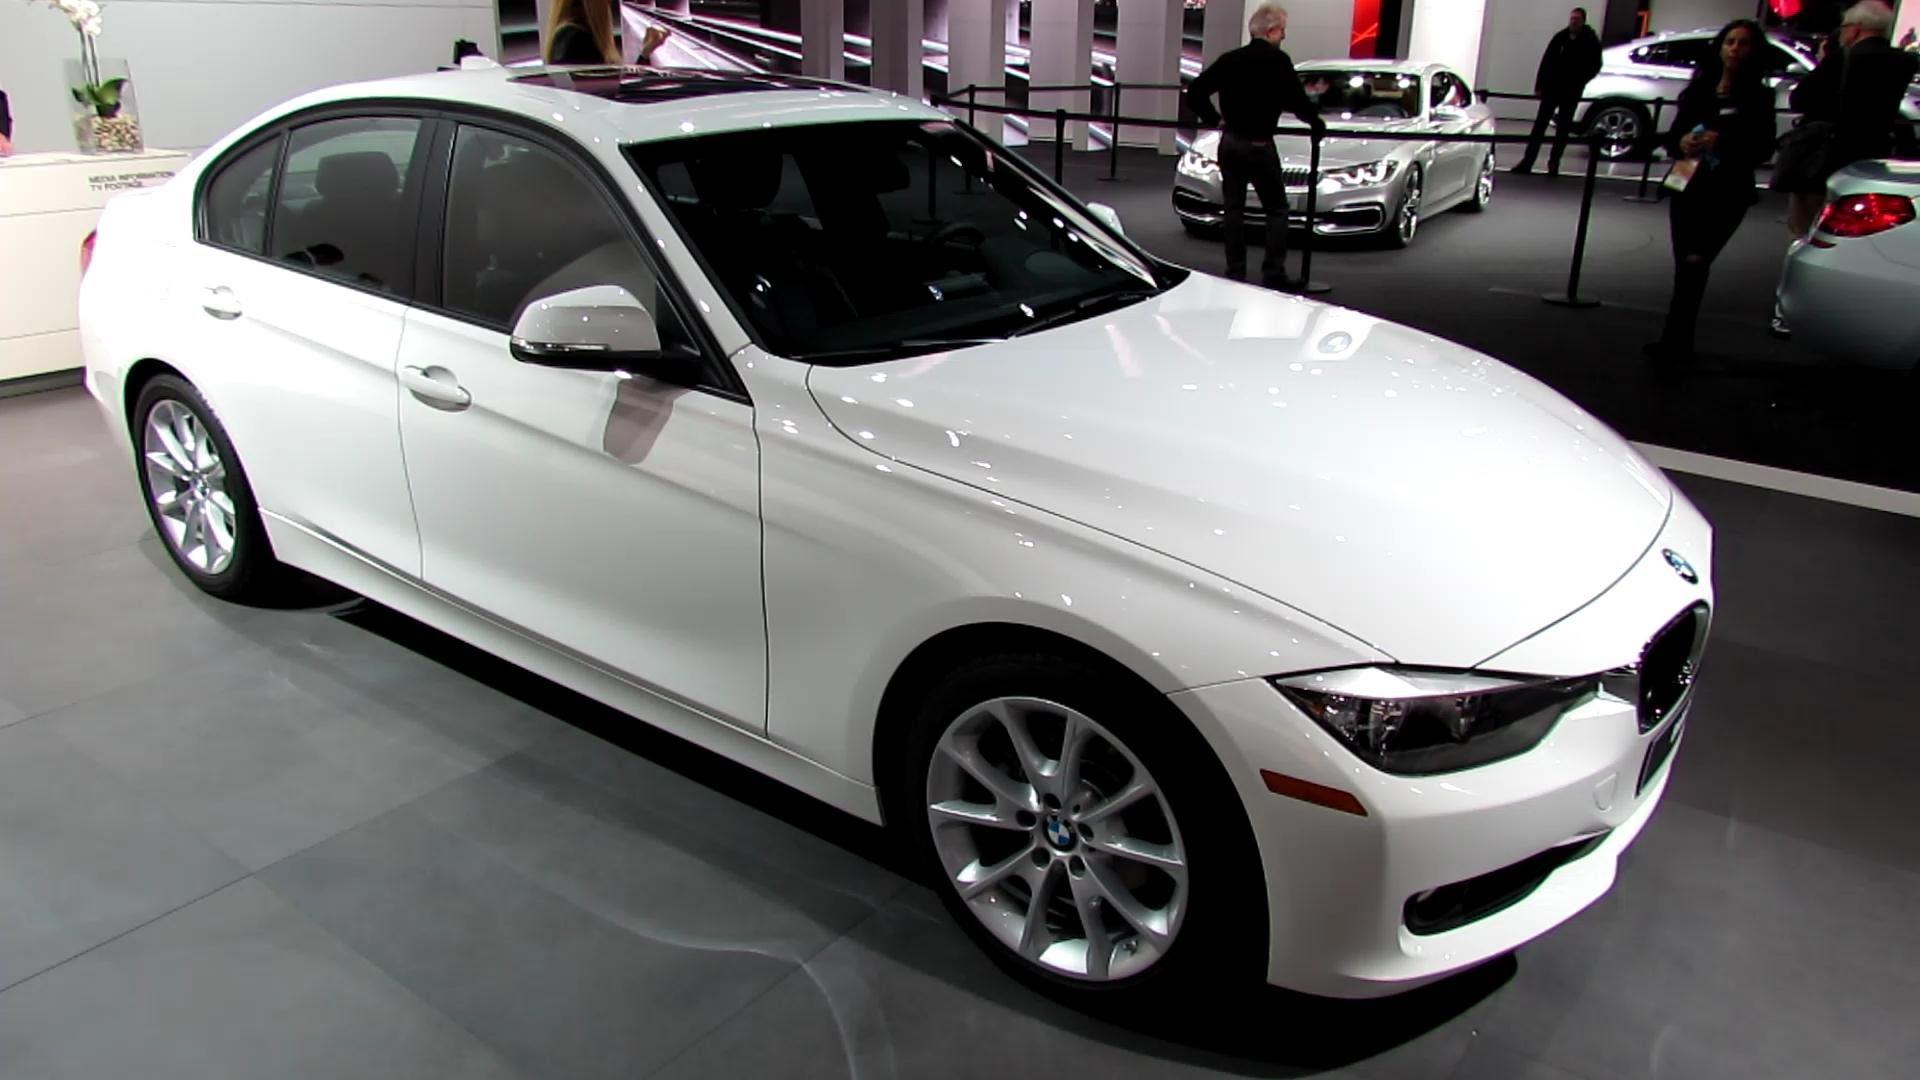 BMW 320i 2014 khiến người dùng không khỏi ngỡ ngàng với cách thiết kế khoa học